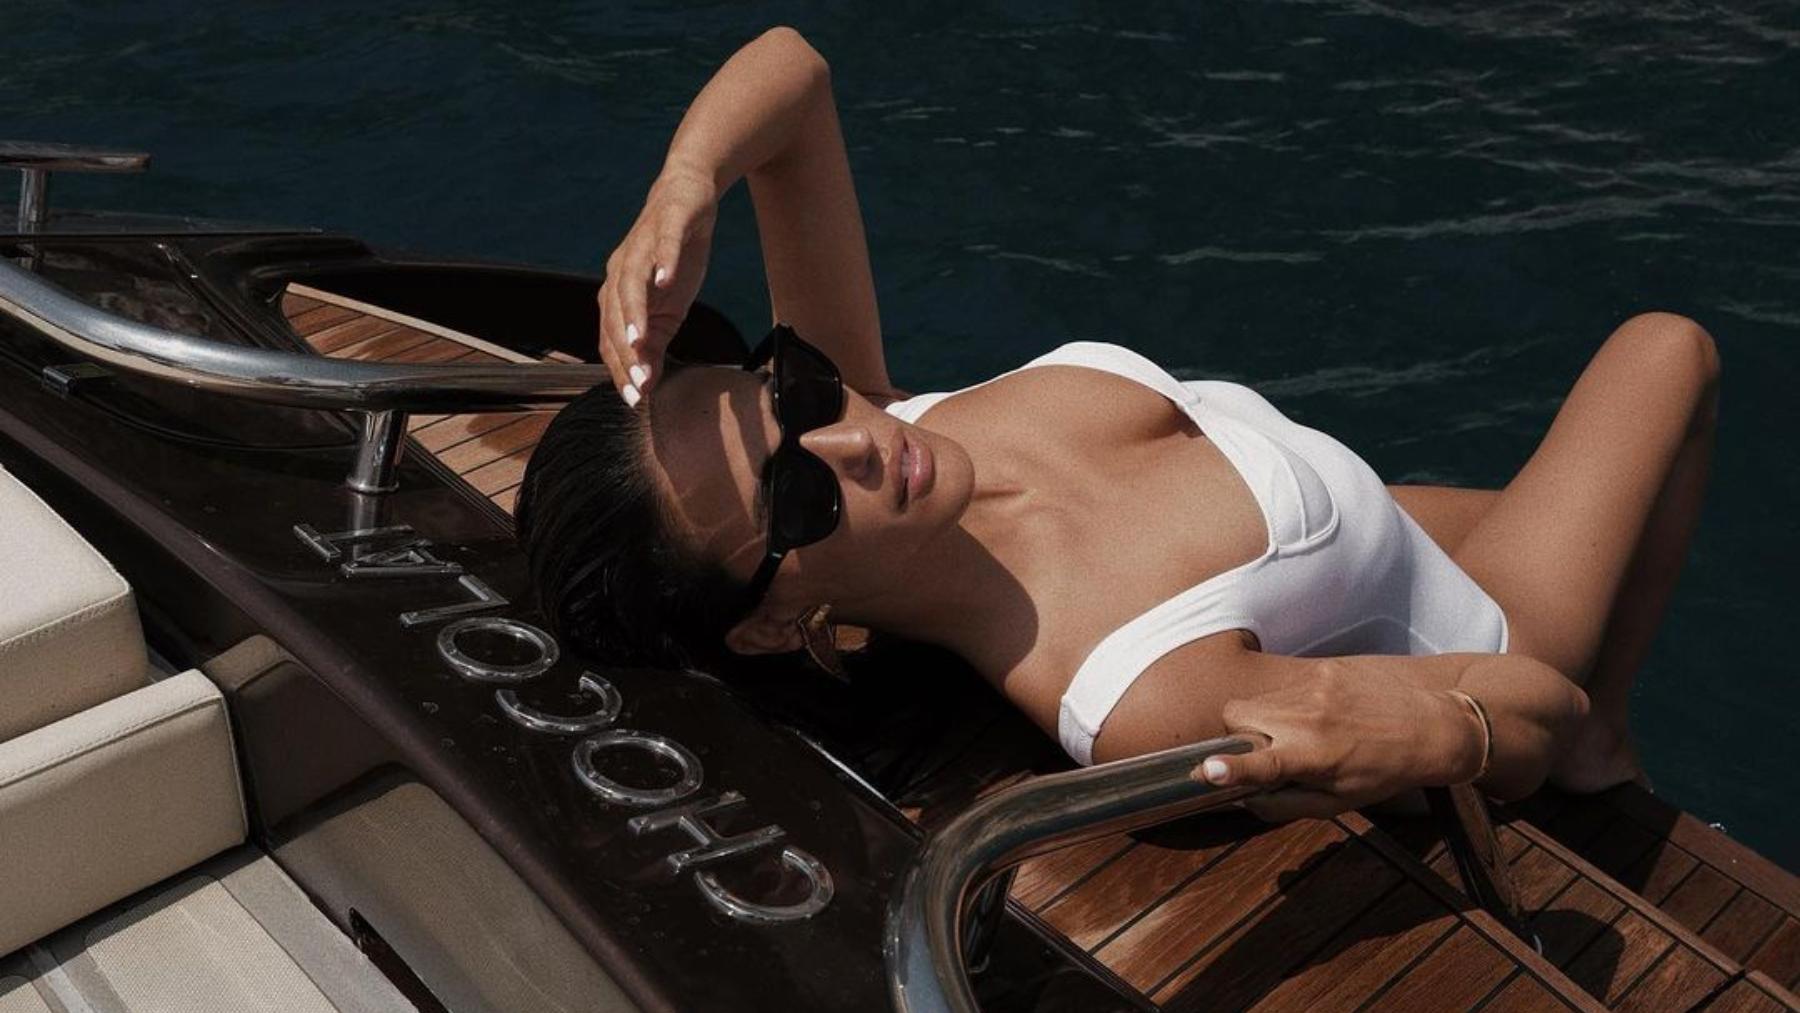 Álex Riviere encima de un barco / Foto: @ariviere